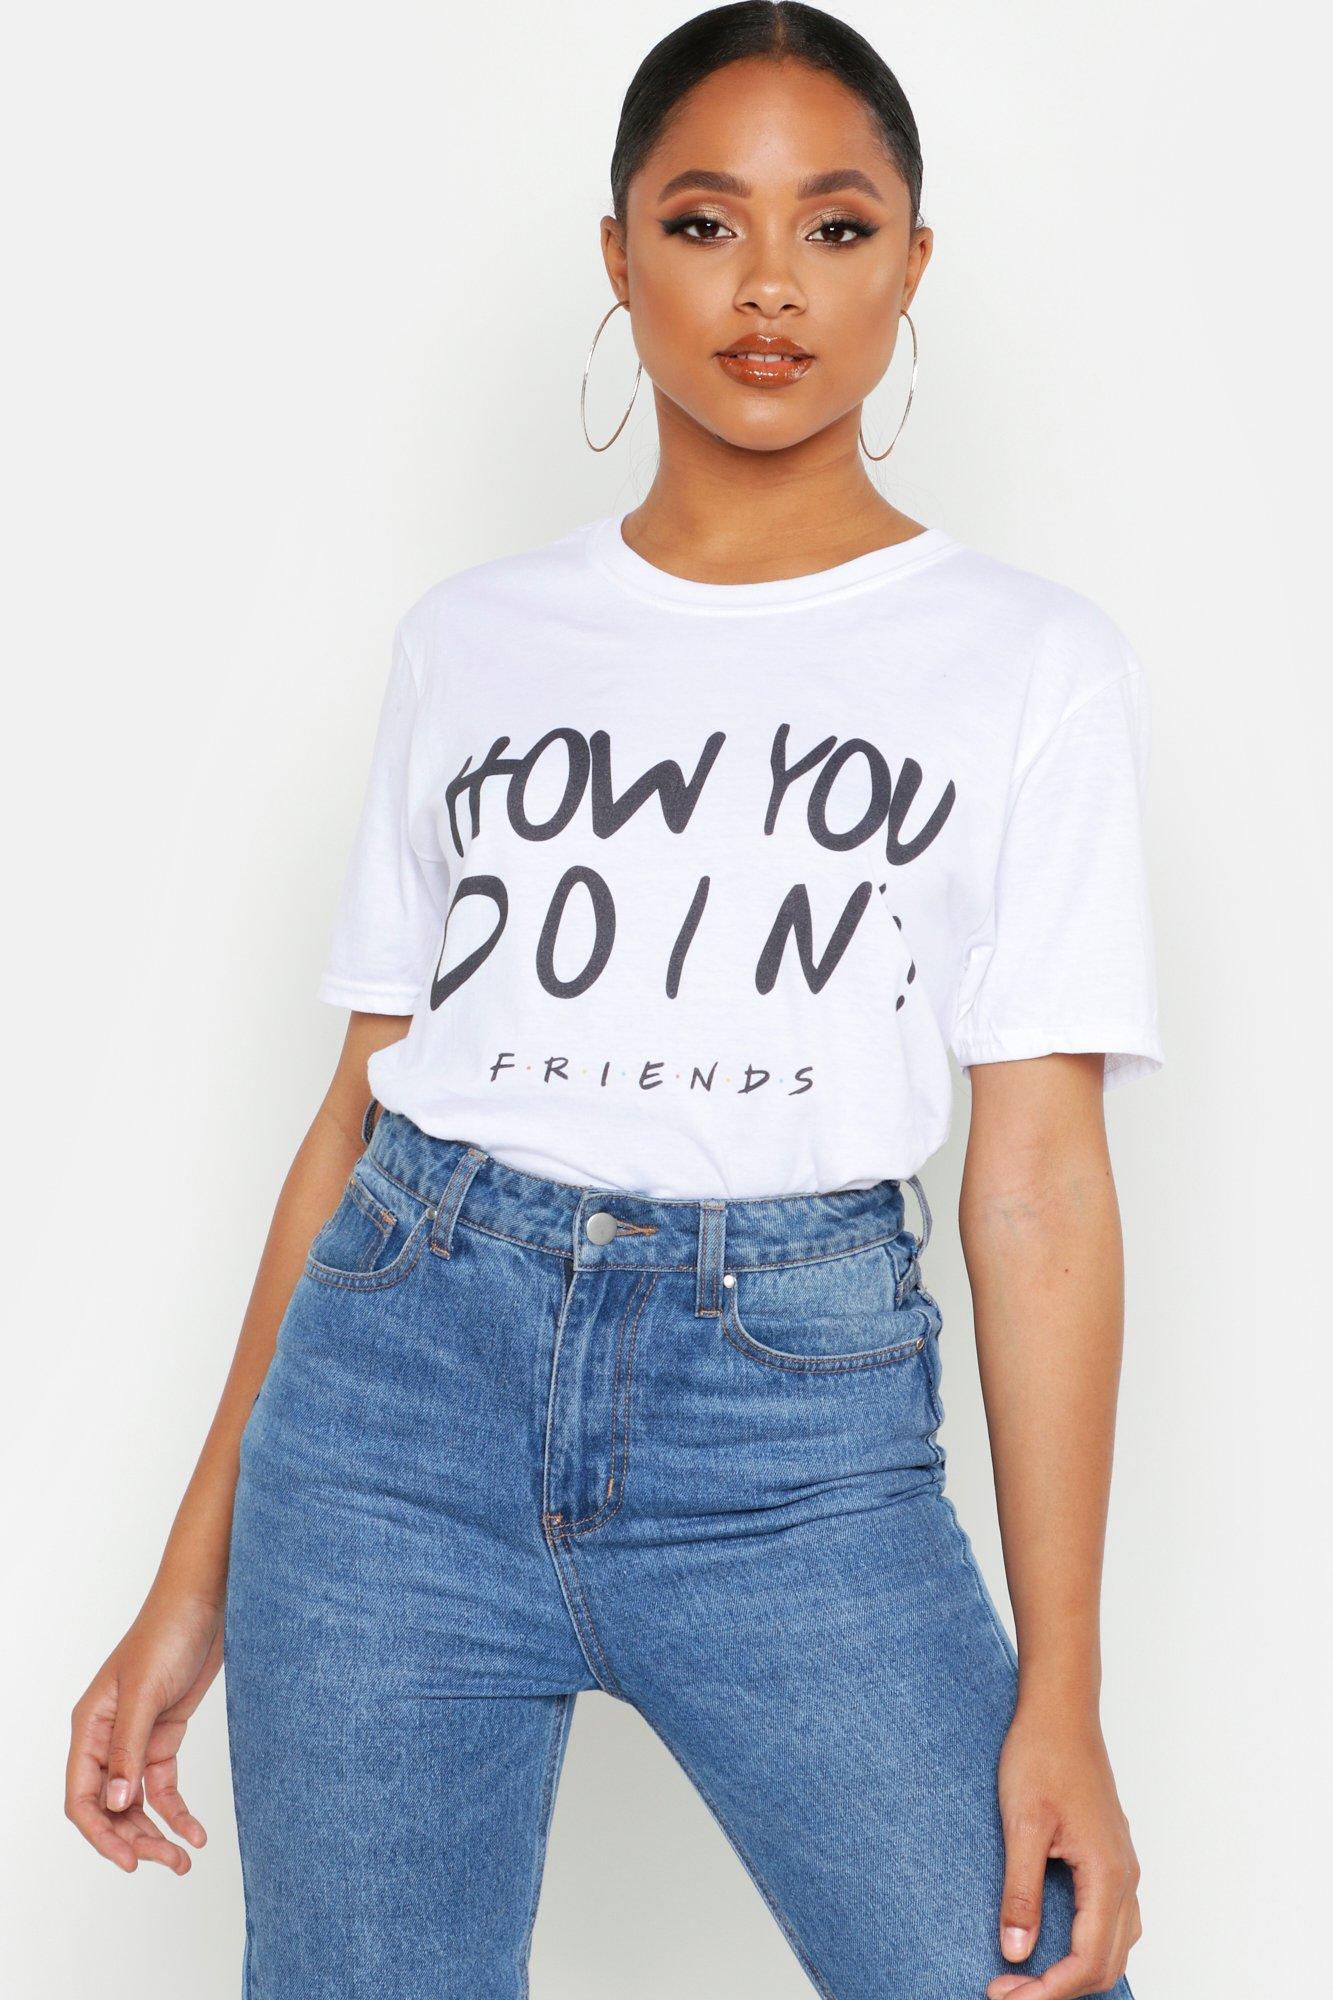 Womens T-Shirt mit lizenziertem Friends How You Doin-Print - Weiß - S, Weiß - Boohoo.com